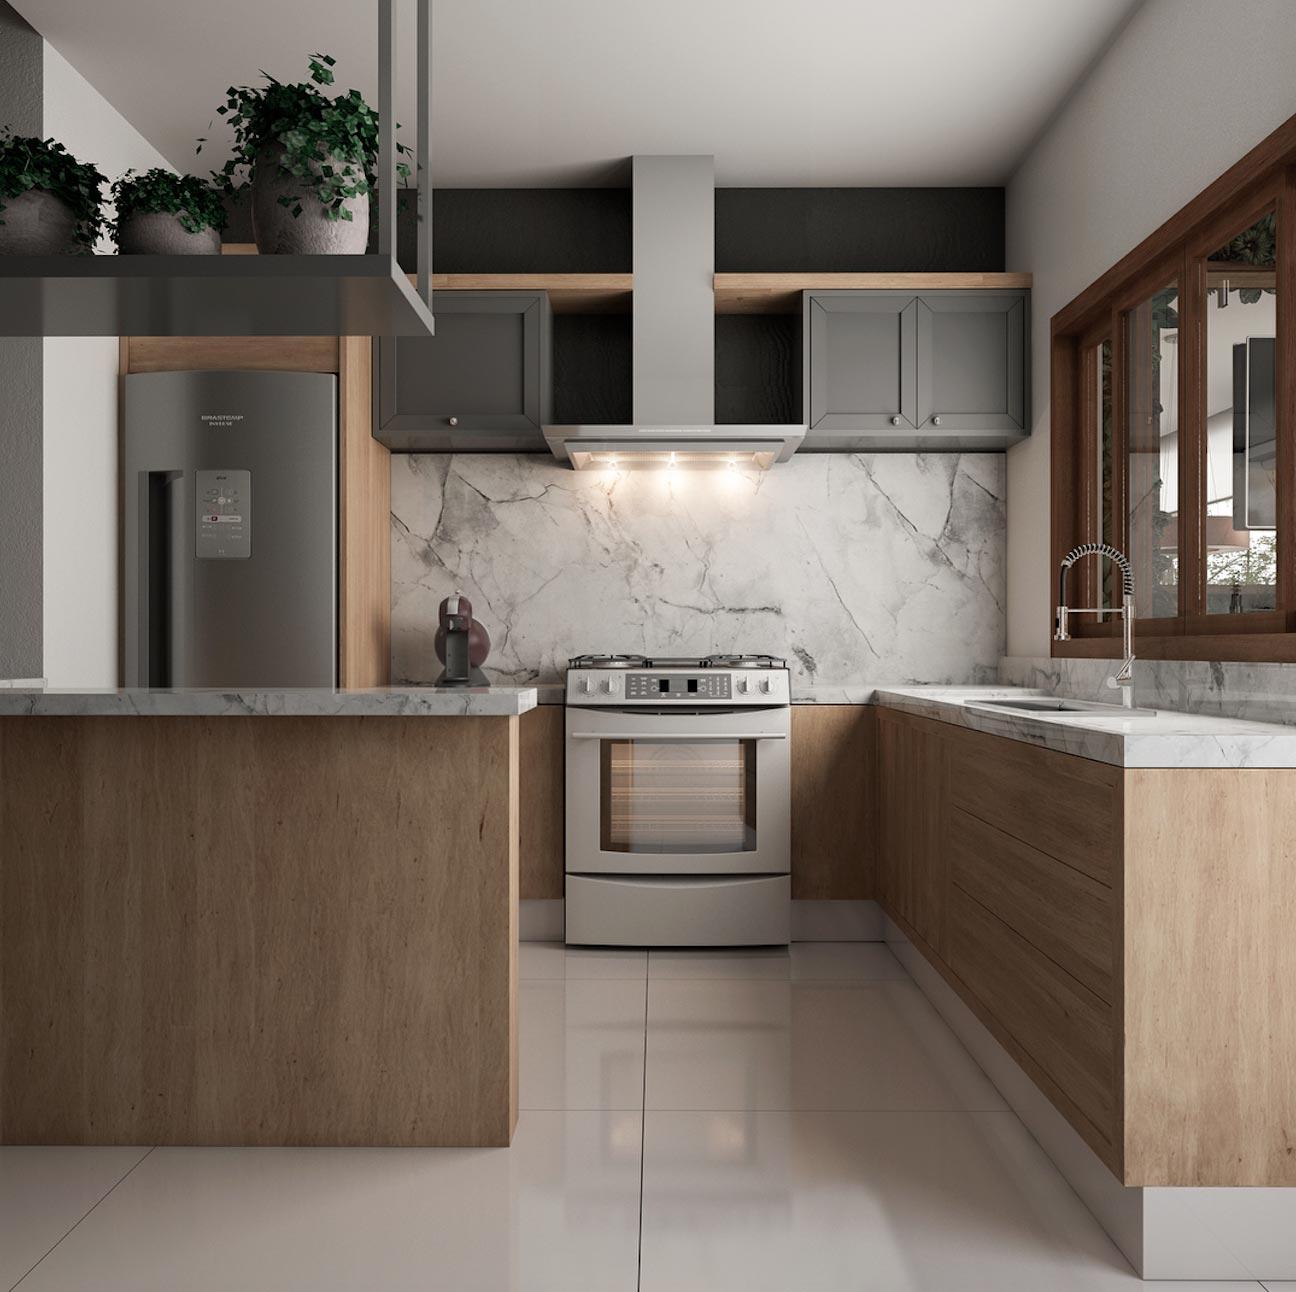 Decoração moderna com armários de madeira e bancada de mármore.